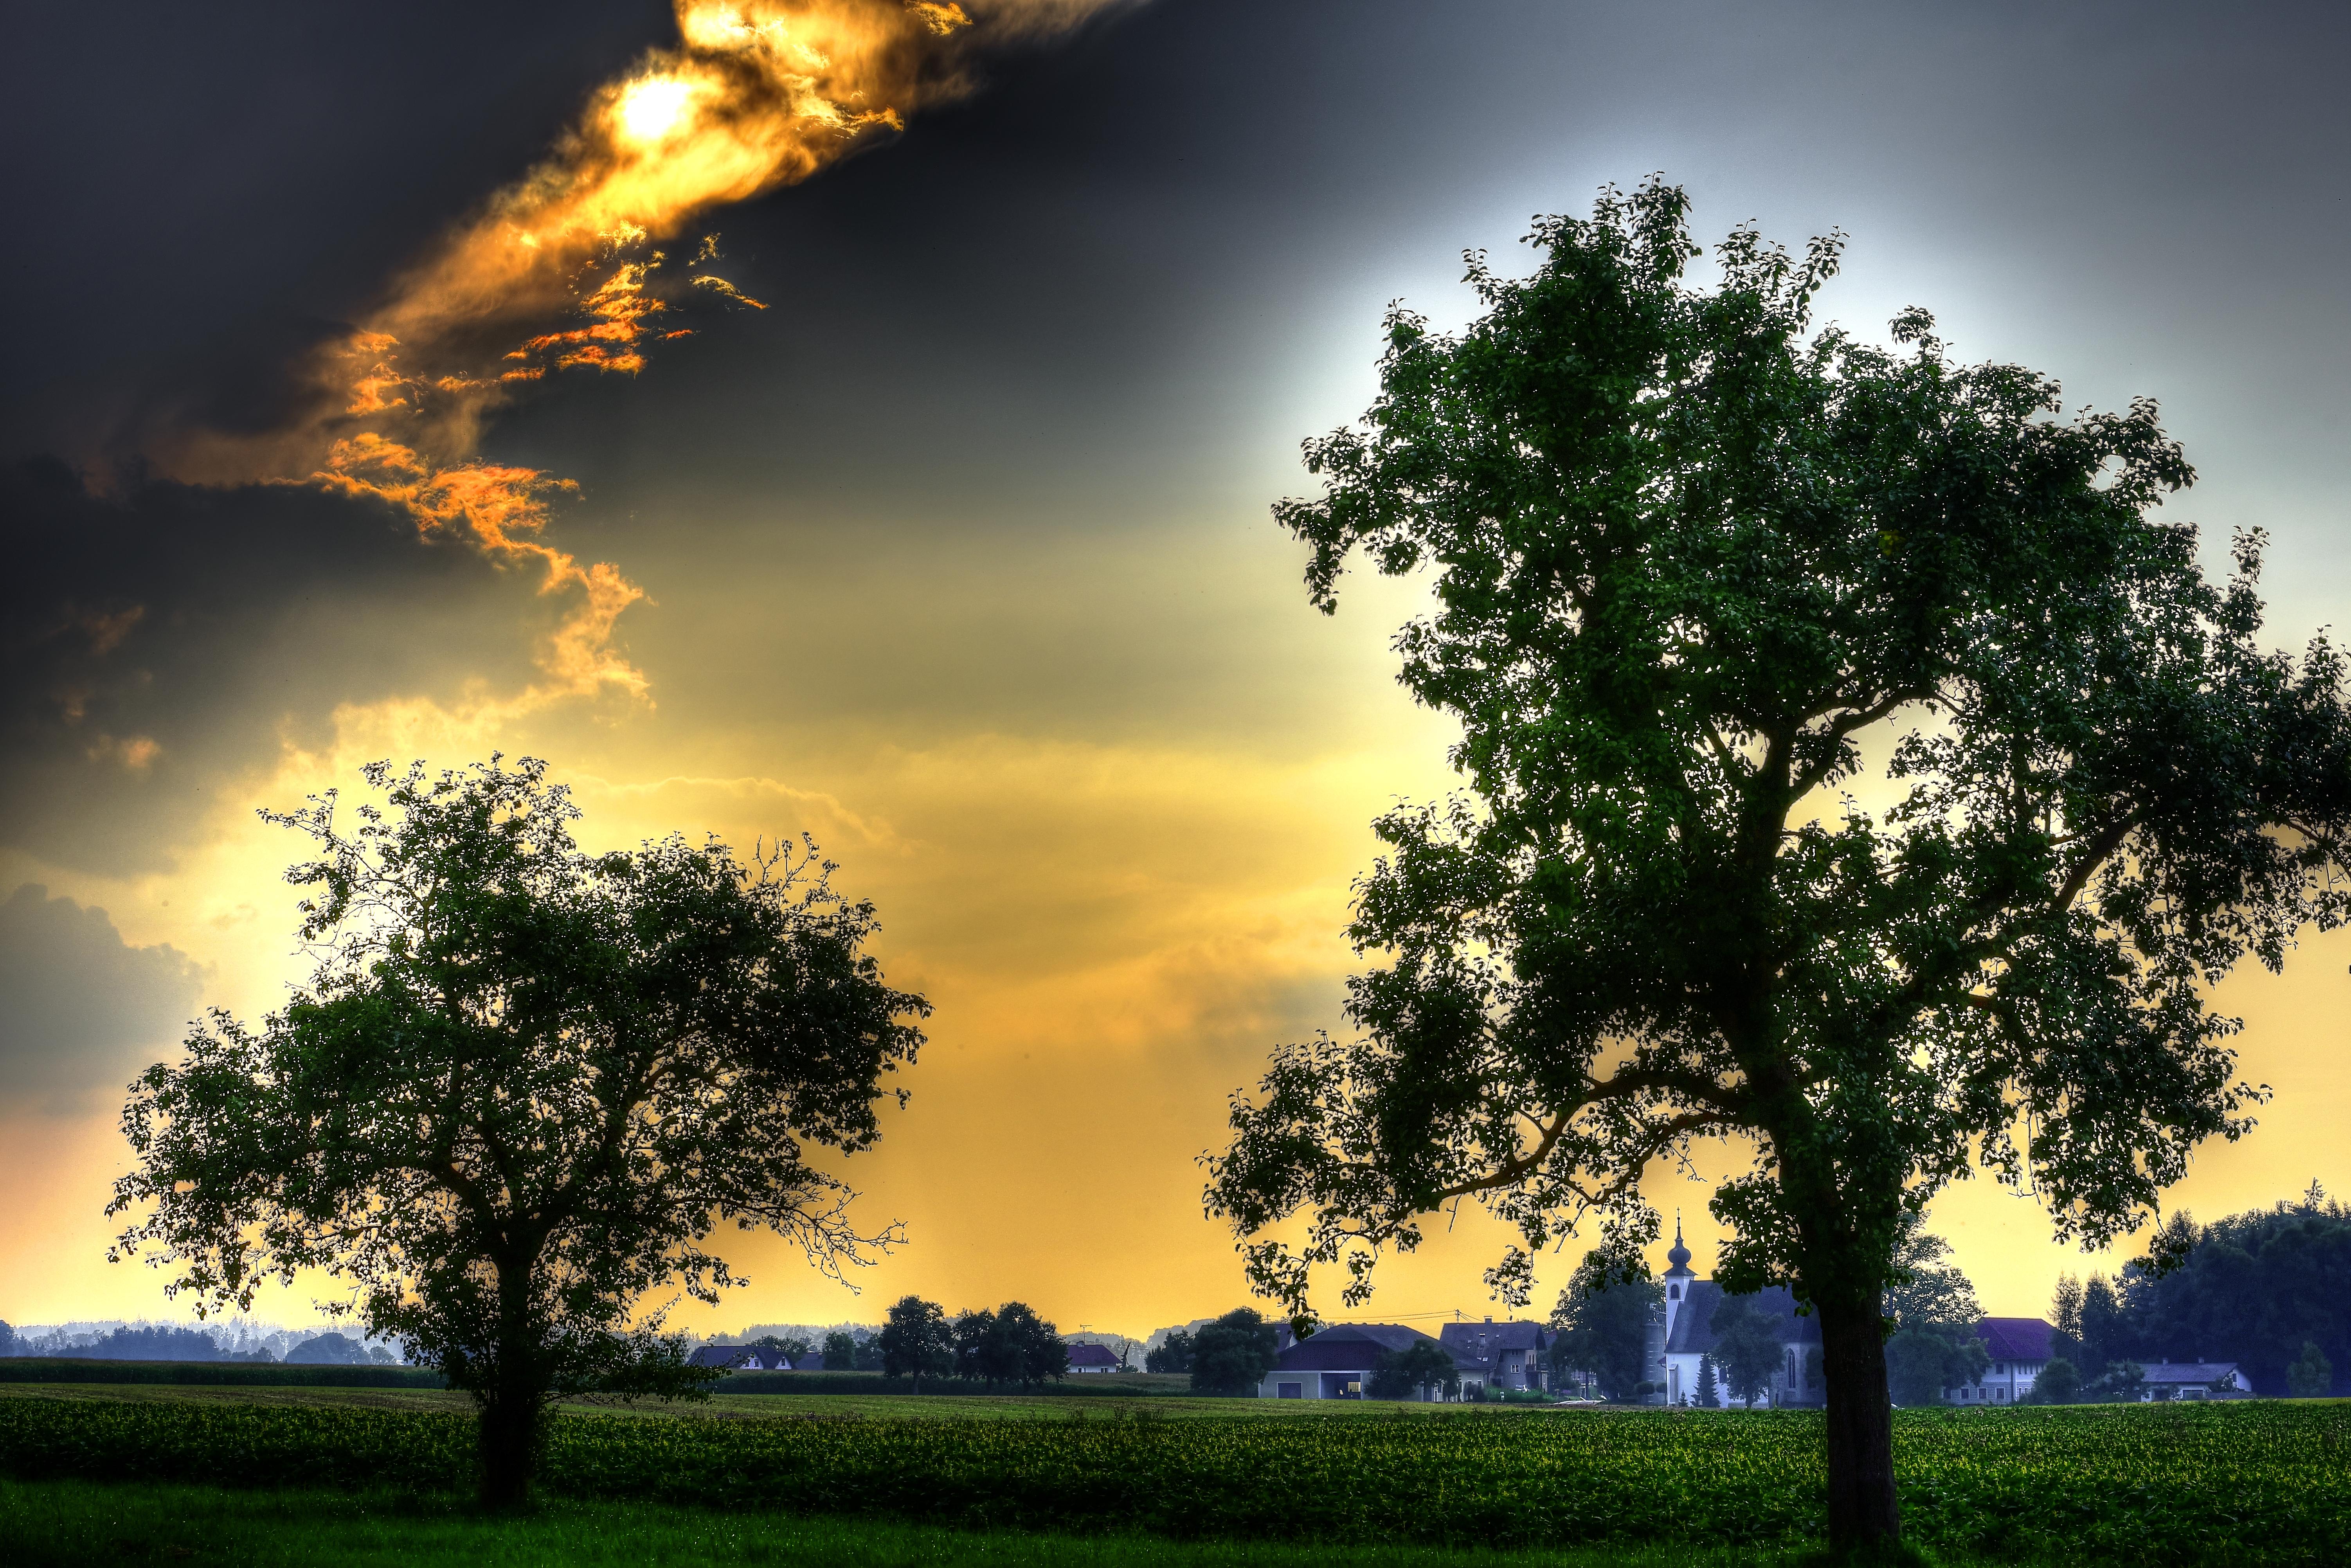 Wolken_Licht_Bäume_tonemapped